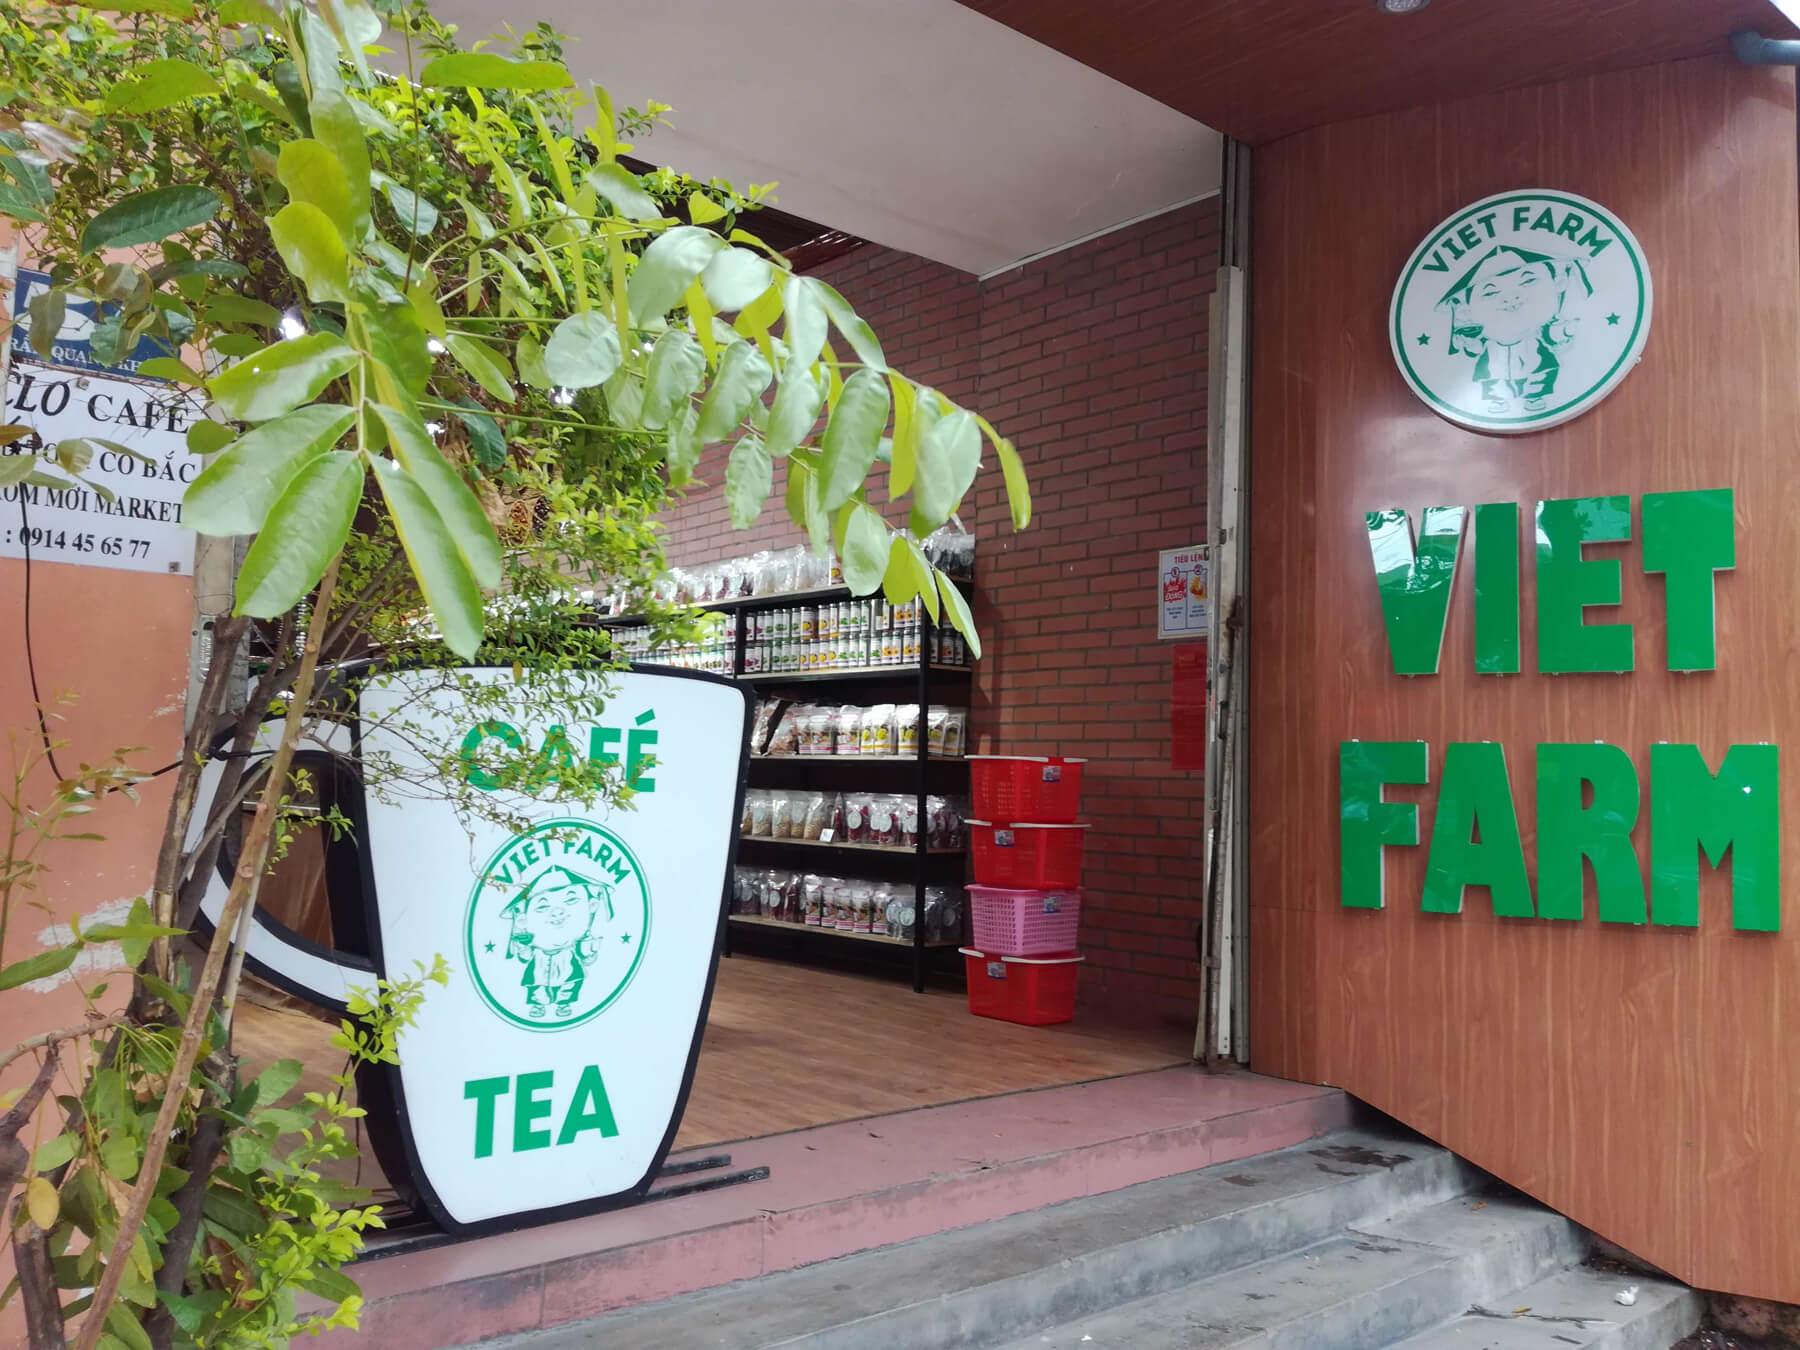 Магазин VietFarm